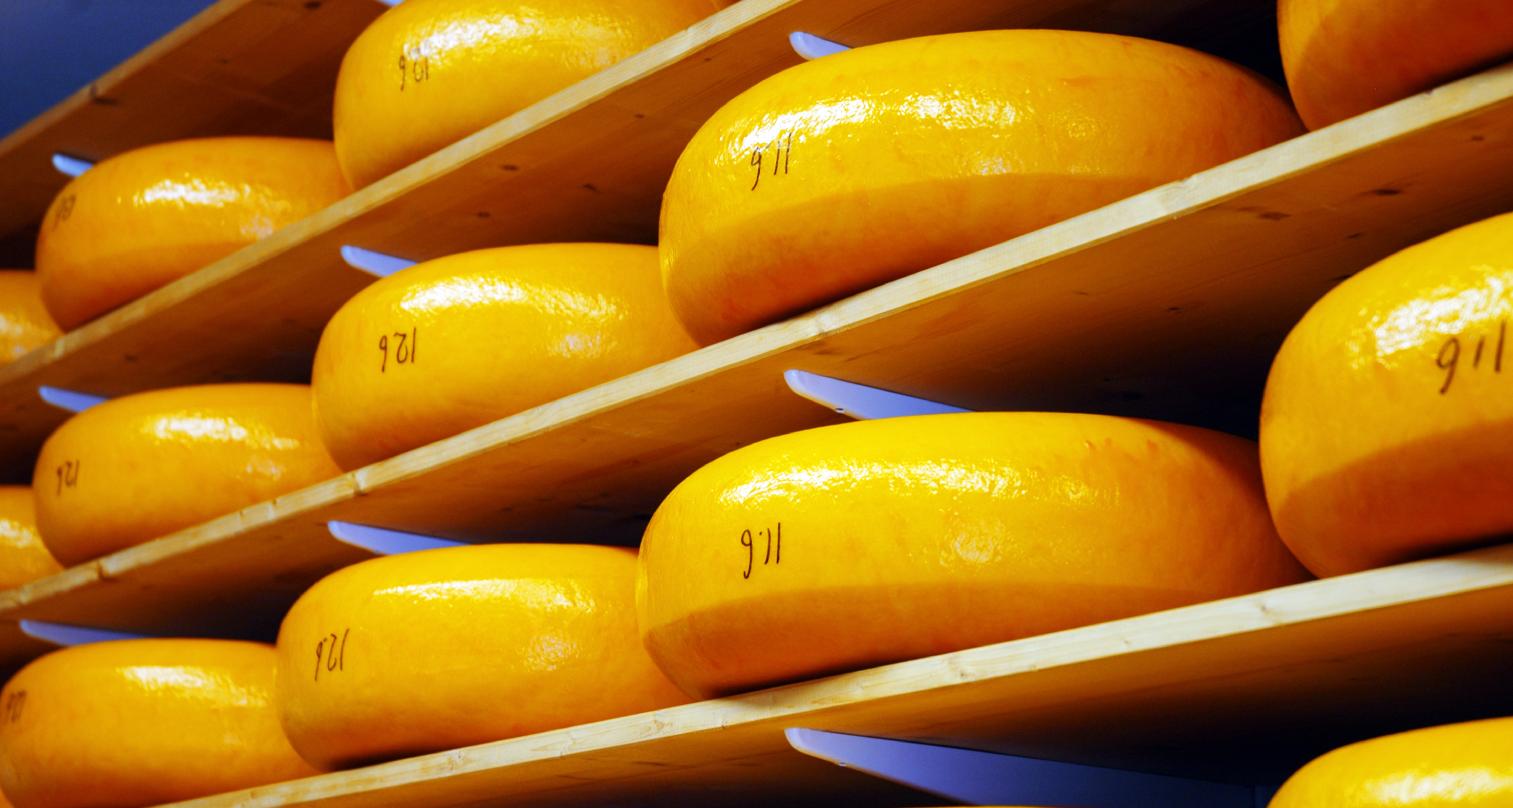 cera alimentare per formaggio: cos'è, a cosa serve, come si applica, esempi caglificio clerici